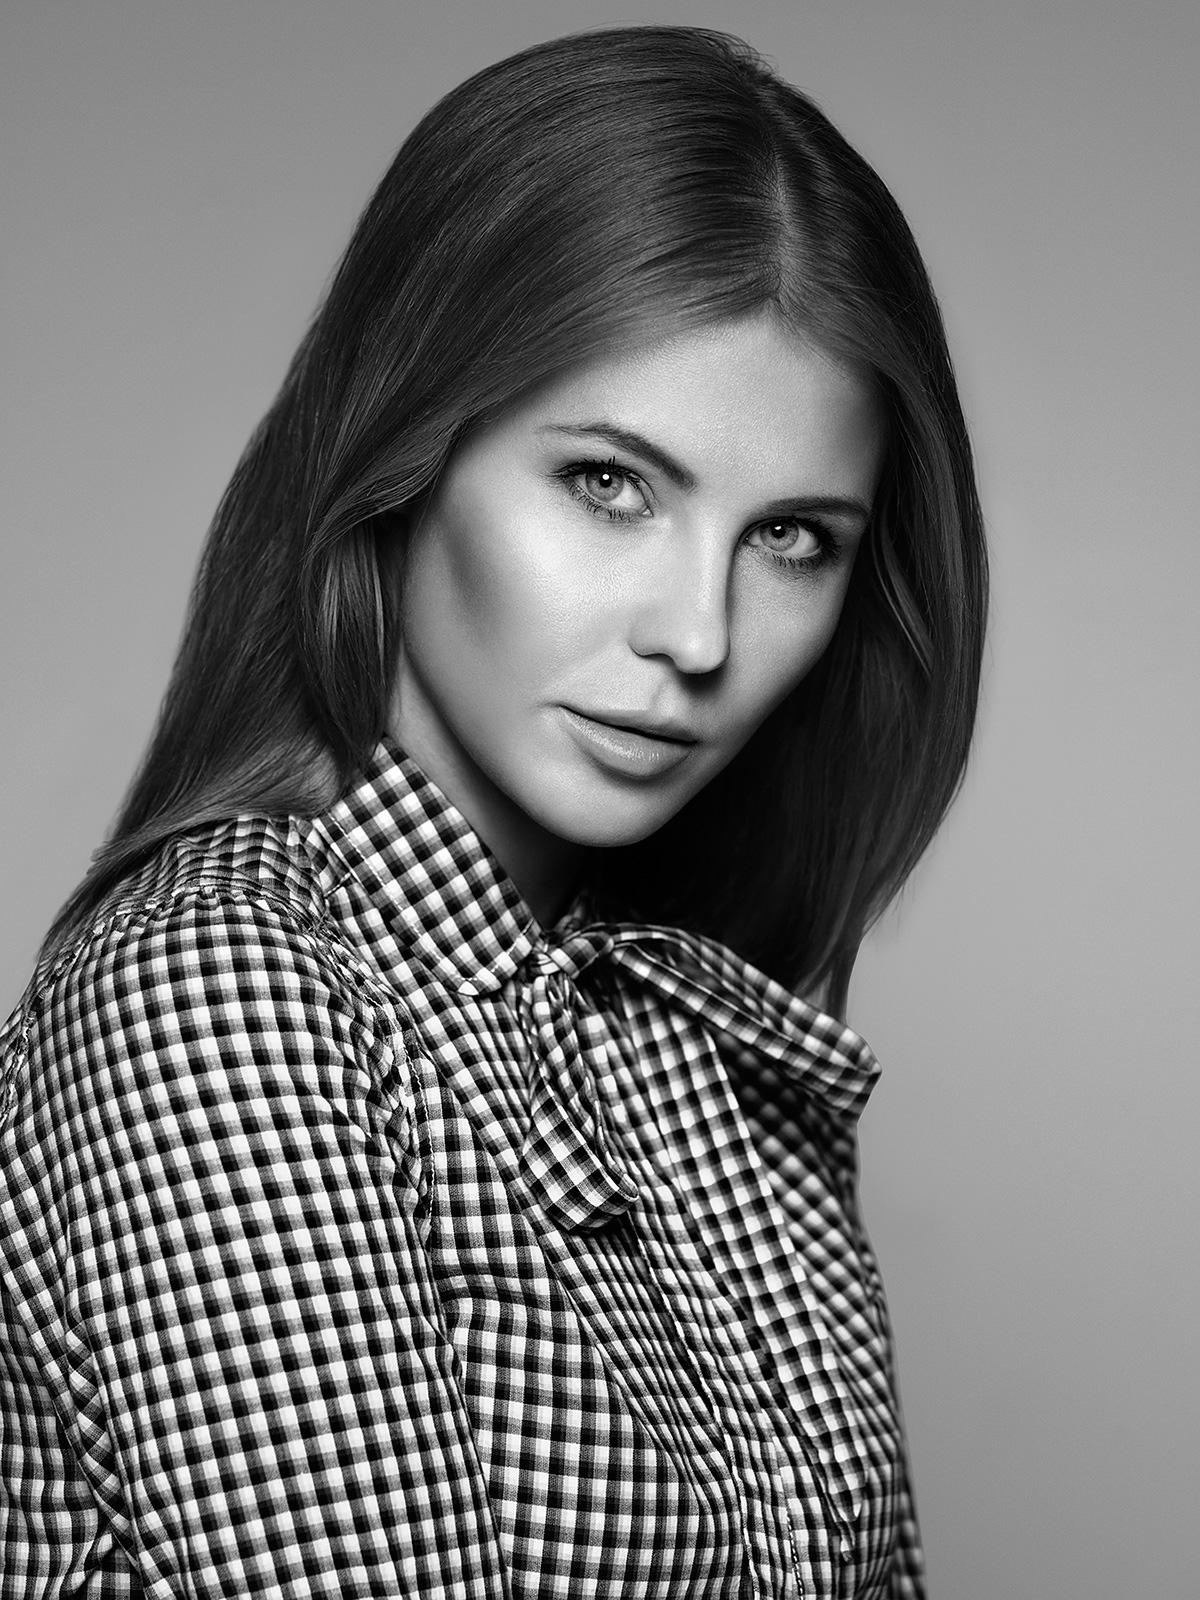 Рекламная портретная съемка в студии для Brandpics, фотограф: Александр Сакулин